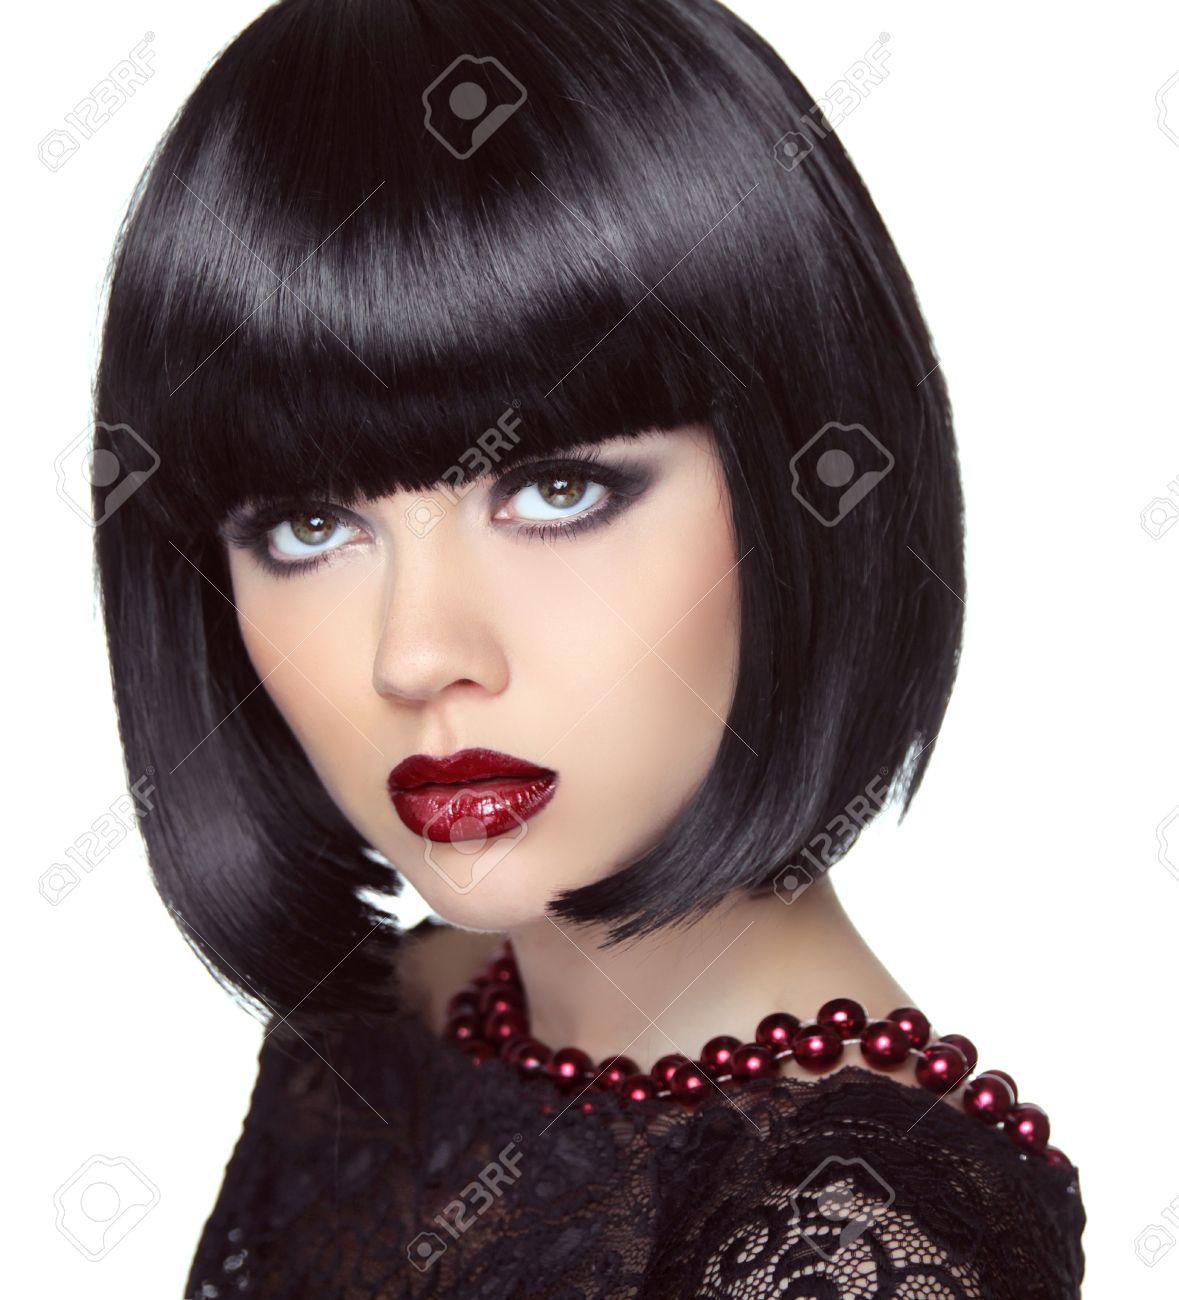 Noir Coiffure Courte Bob Modele De Fille Brune De Mode Avec Le Maquillage Regardant Haircut Bijoux Smoky Eyes Vogue Dame De Style Banque D Images Et Photos Libres De Droits Image 36109328